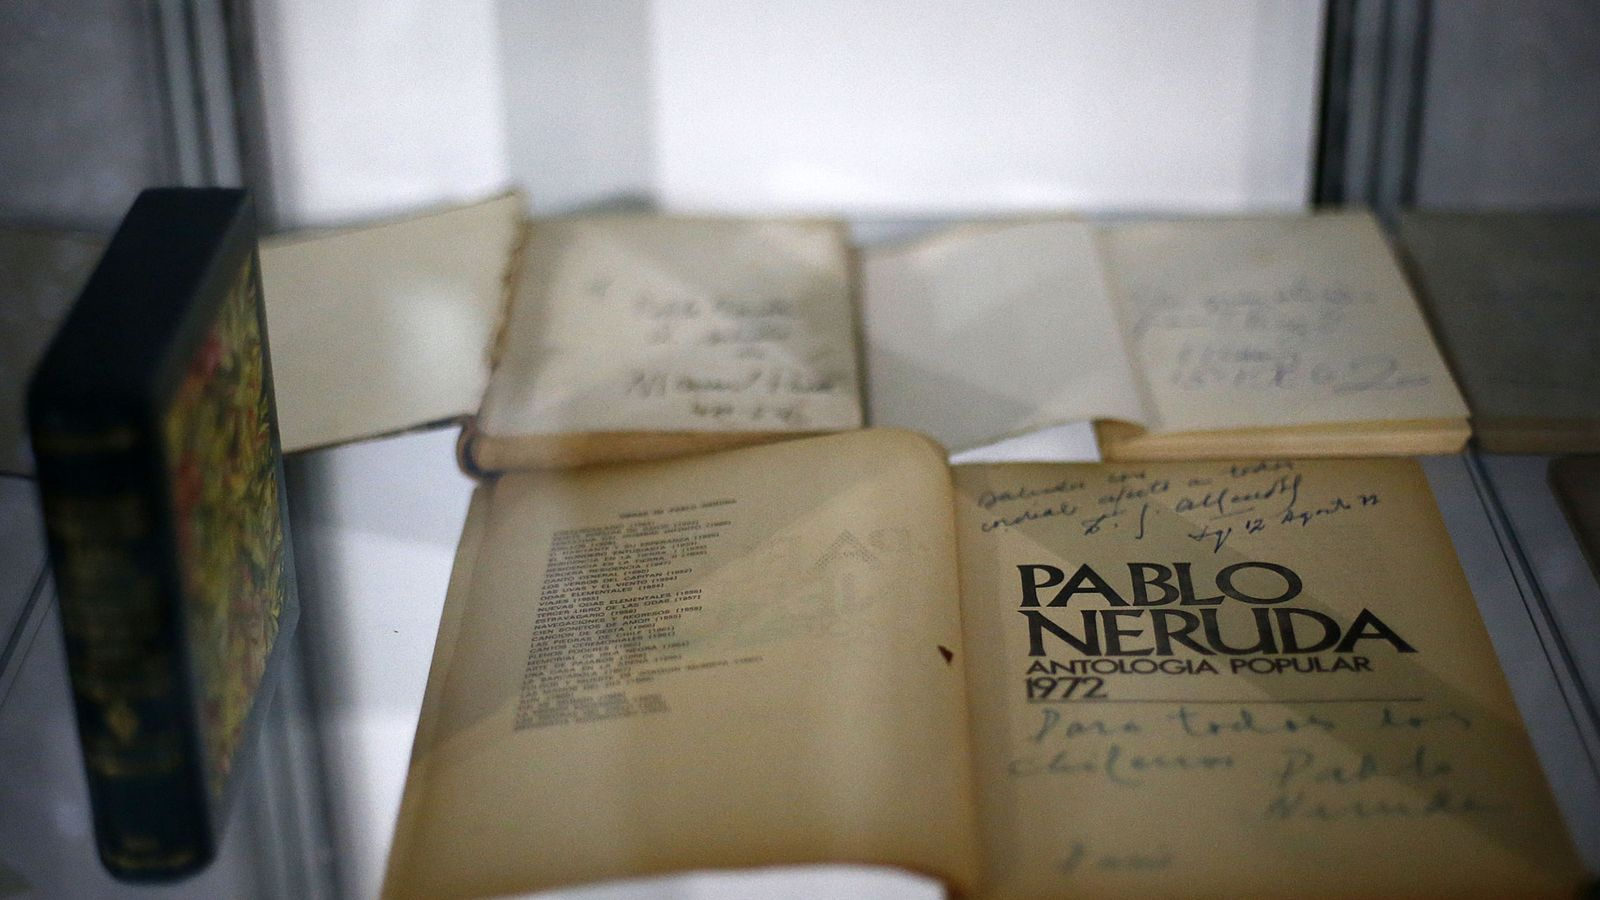 Pablo Neruda En Menos De 20 Poemas De Amor Y Una Cancion Desesperada